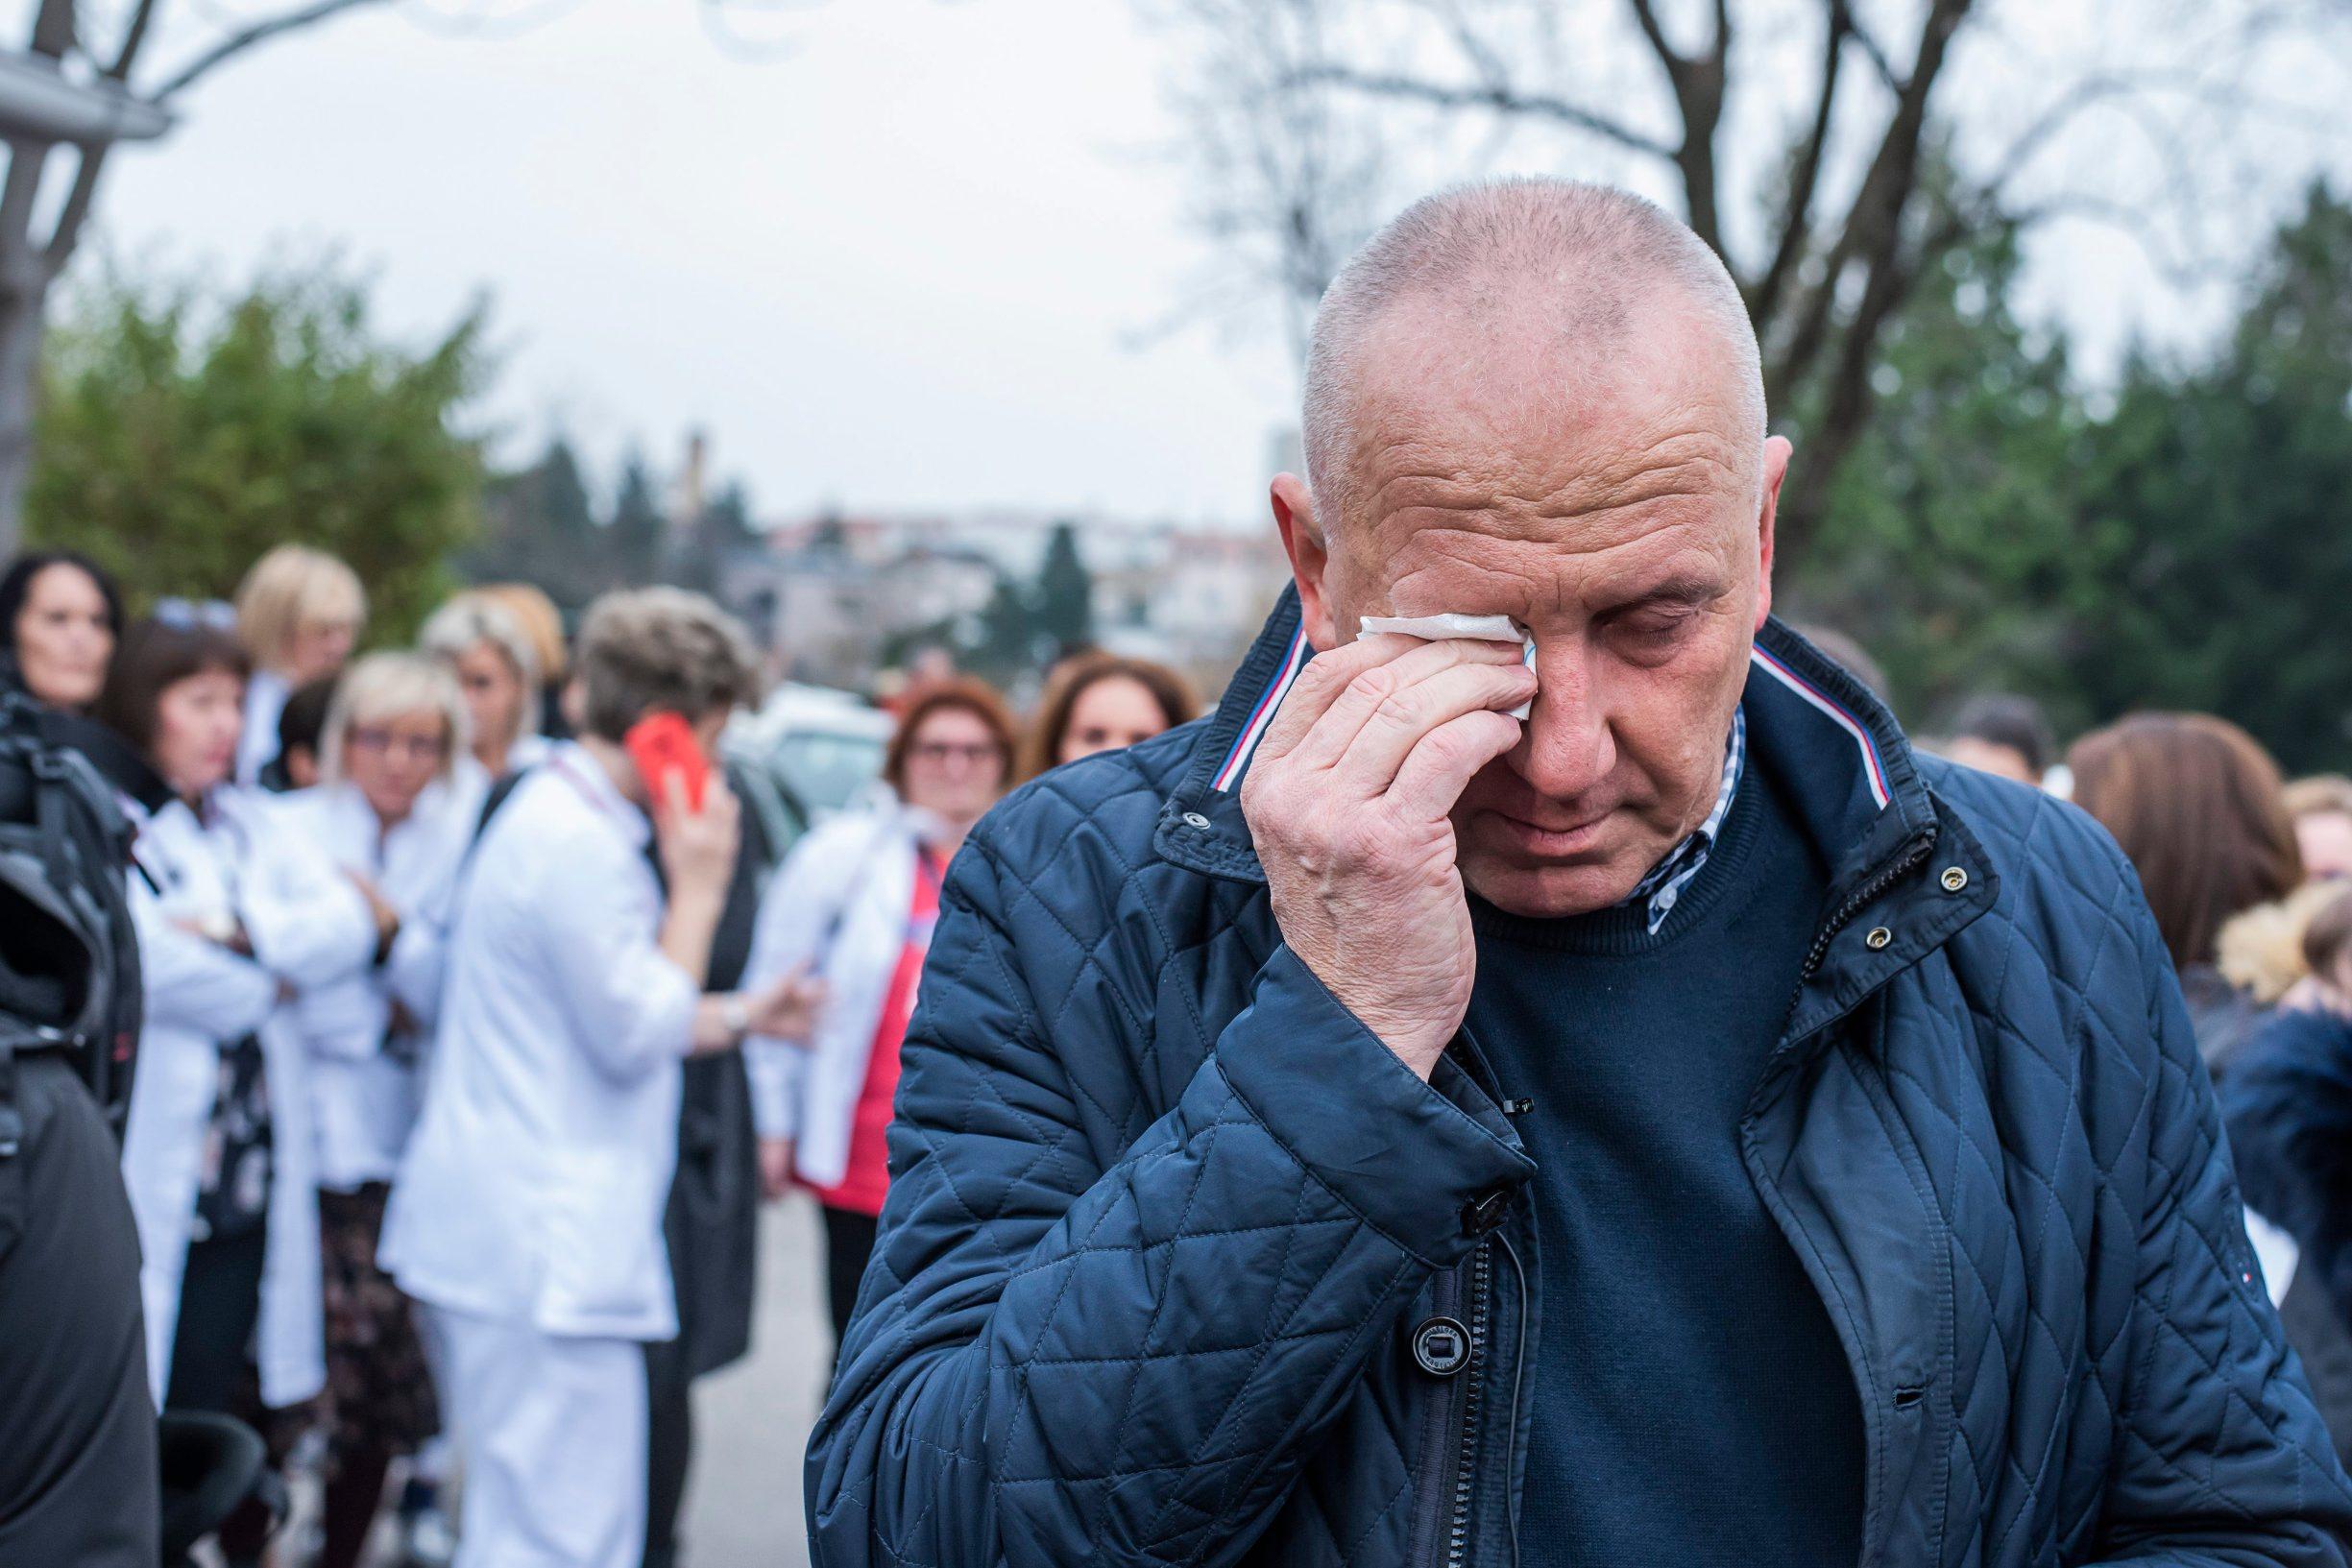 Razrješenje koje je provelo Vijeće bolnice pod palicom Ane Stavljenić Rukavine bilo je nezakonito unatoč nastojanju Grada Zagreba da ga opravda